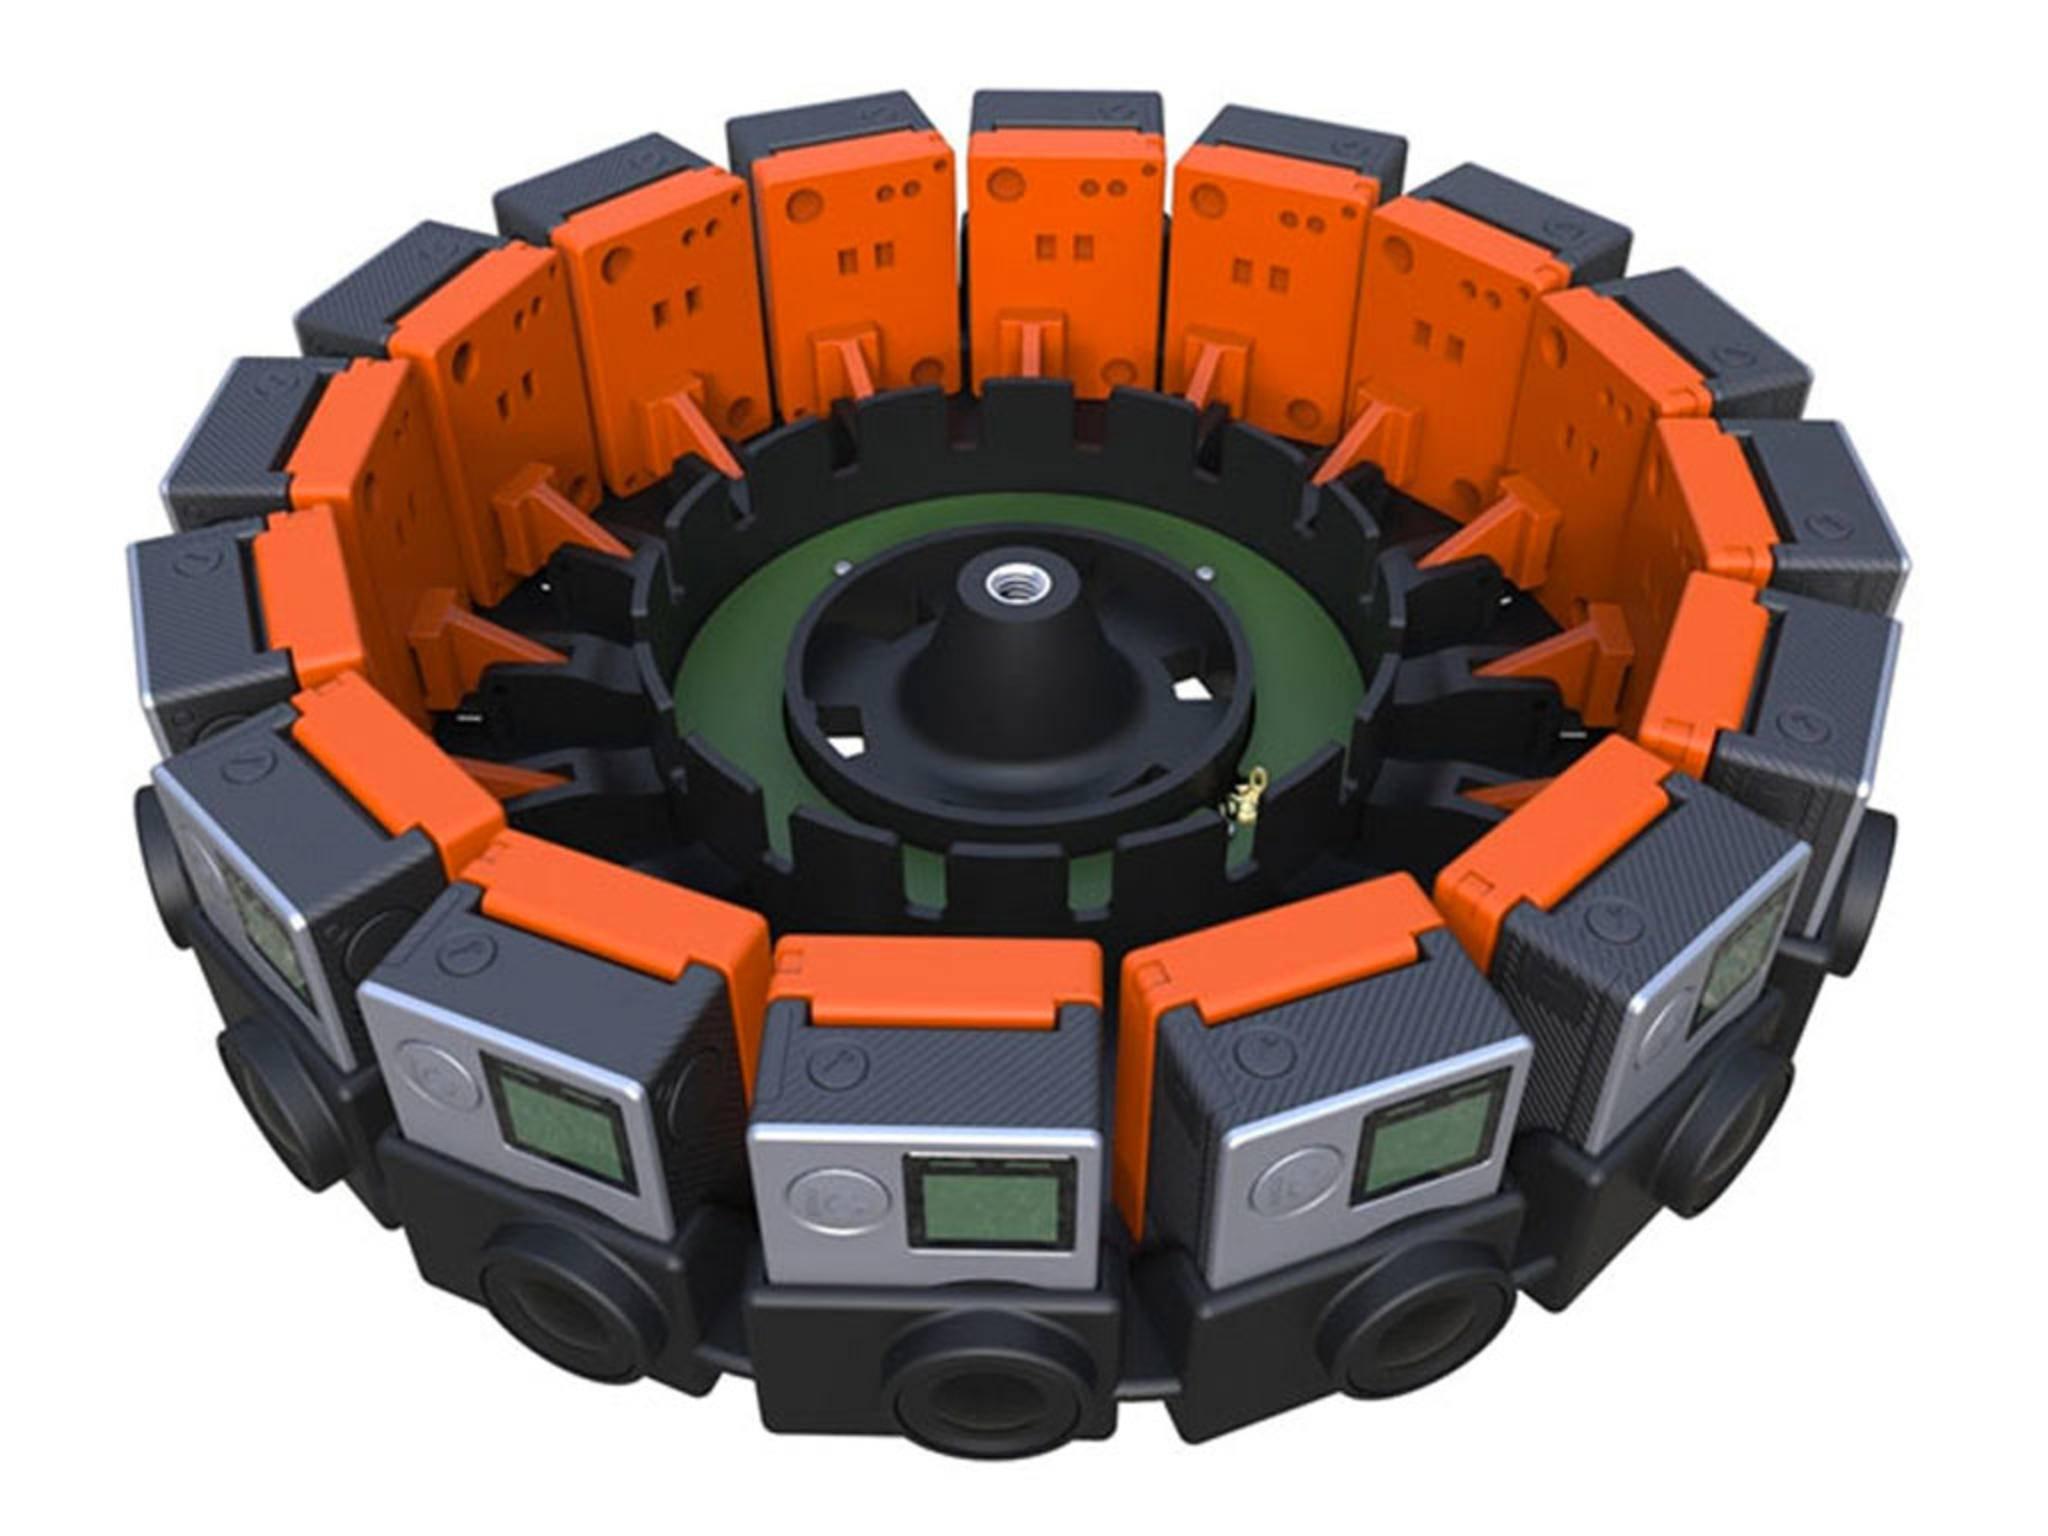 In diese Vorrichtung passen 16 GoPro-Kameras.